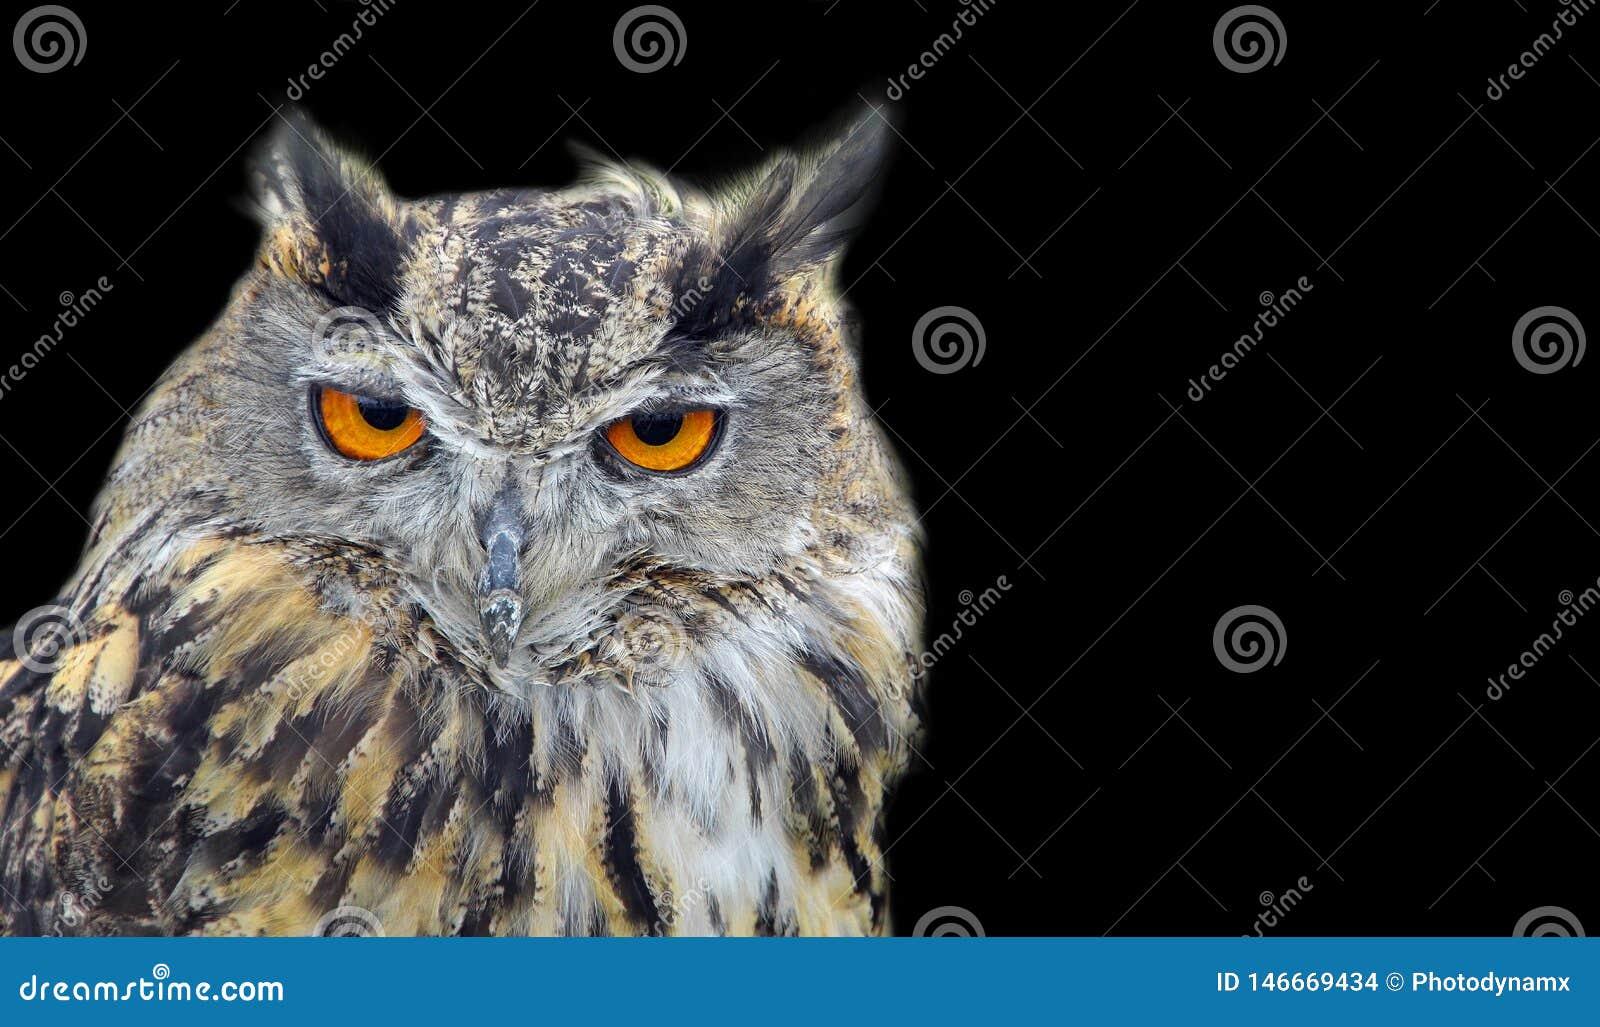 Bird of prey eagle long eared owl birds isolated on black